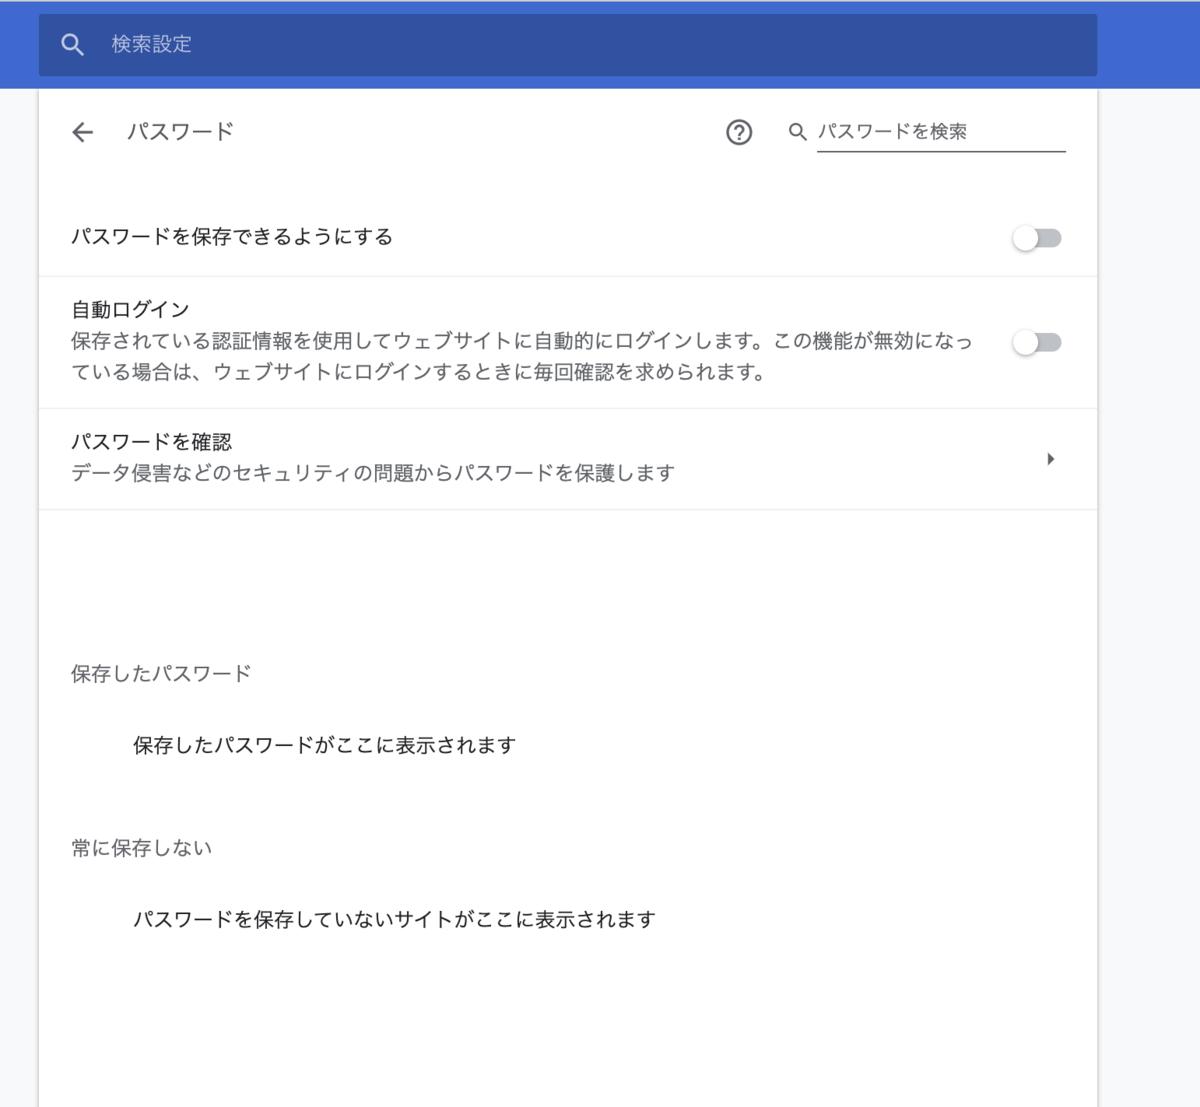 f:id:takuya_1st:20210521165136p:plain